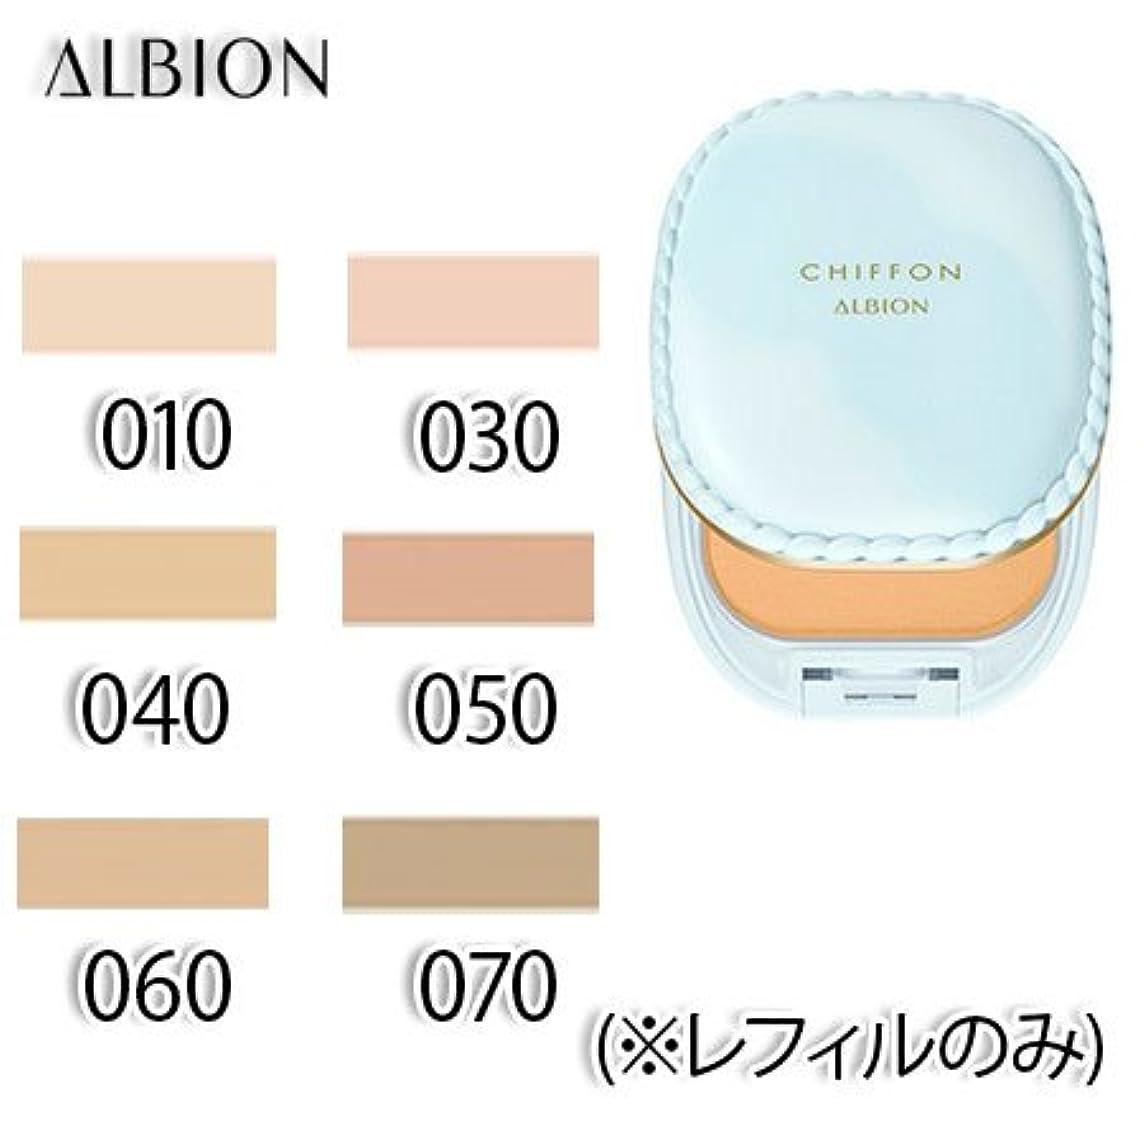 放出ジェスチャースポーツアルビオン スノー ホワイト シフォン 全6色 SPF25?PA++ 10g (レフィルのみ) -ALBION- 030